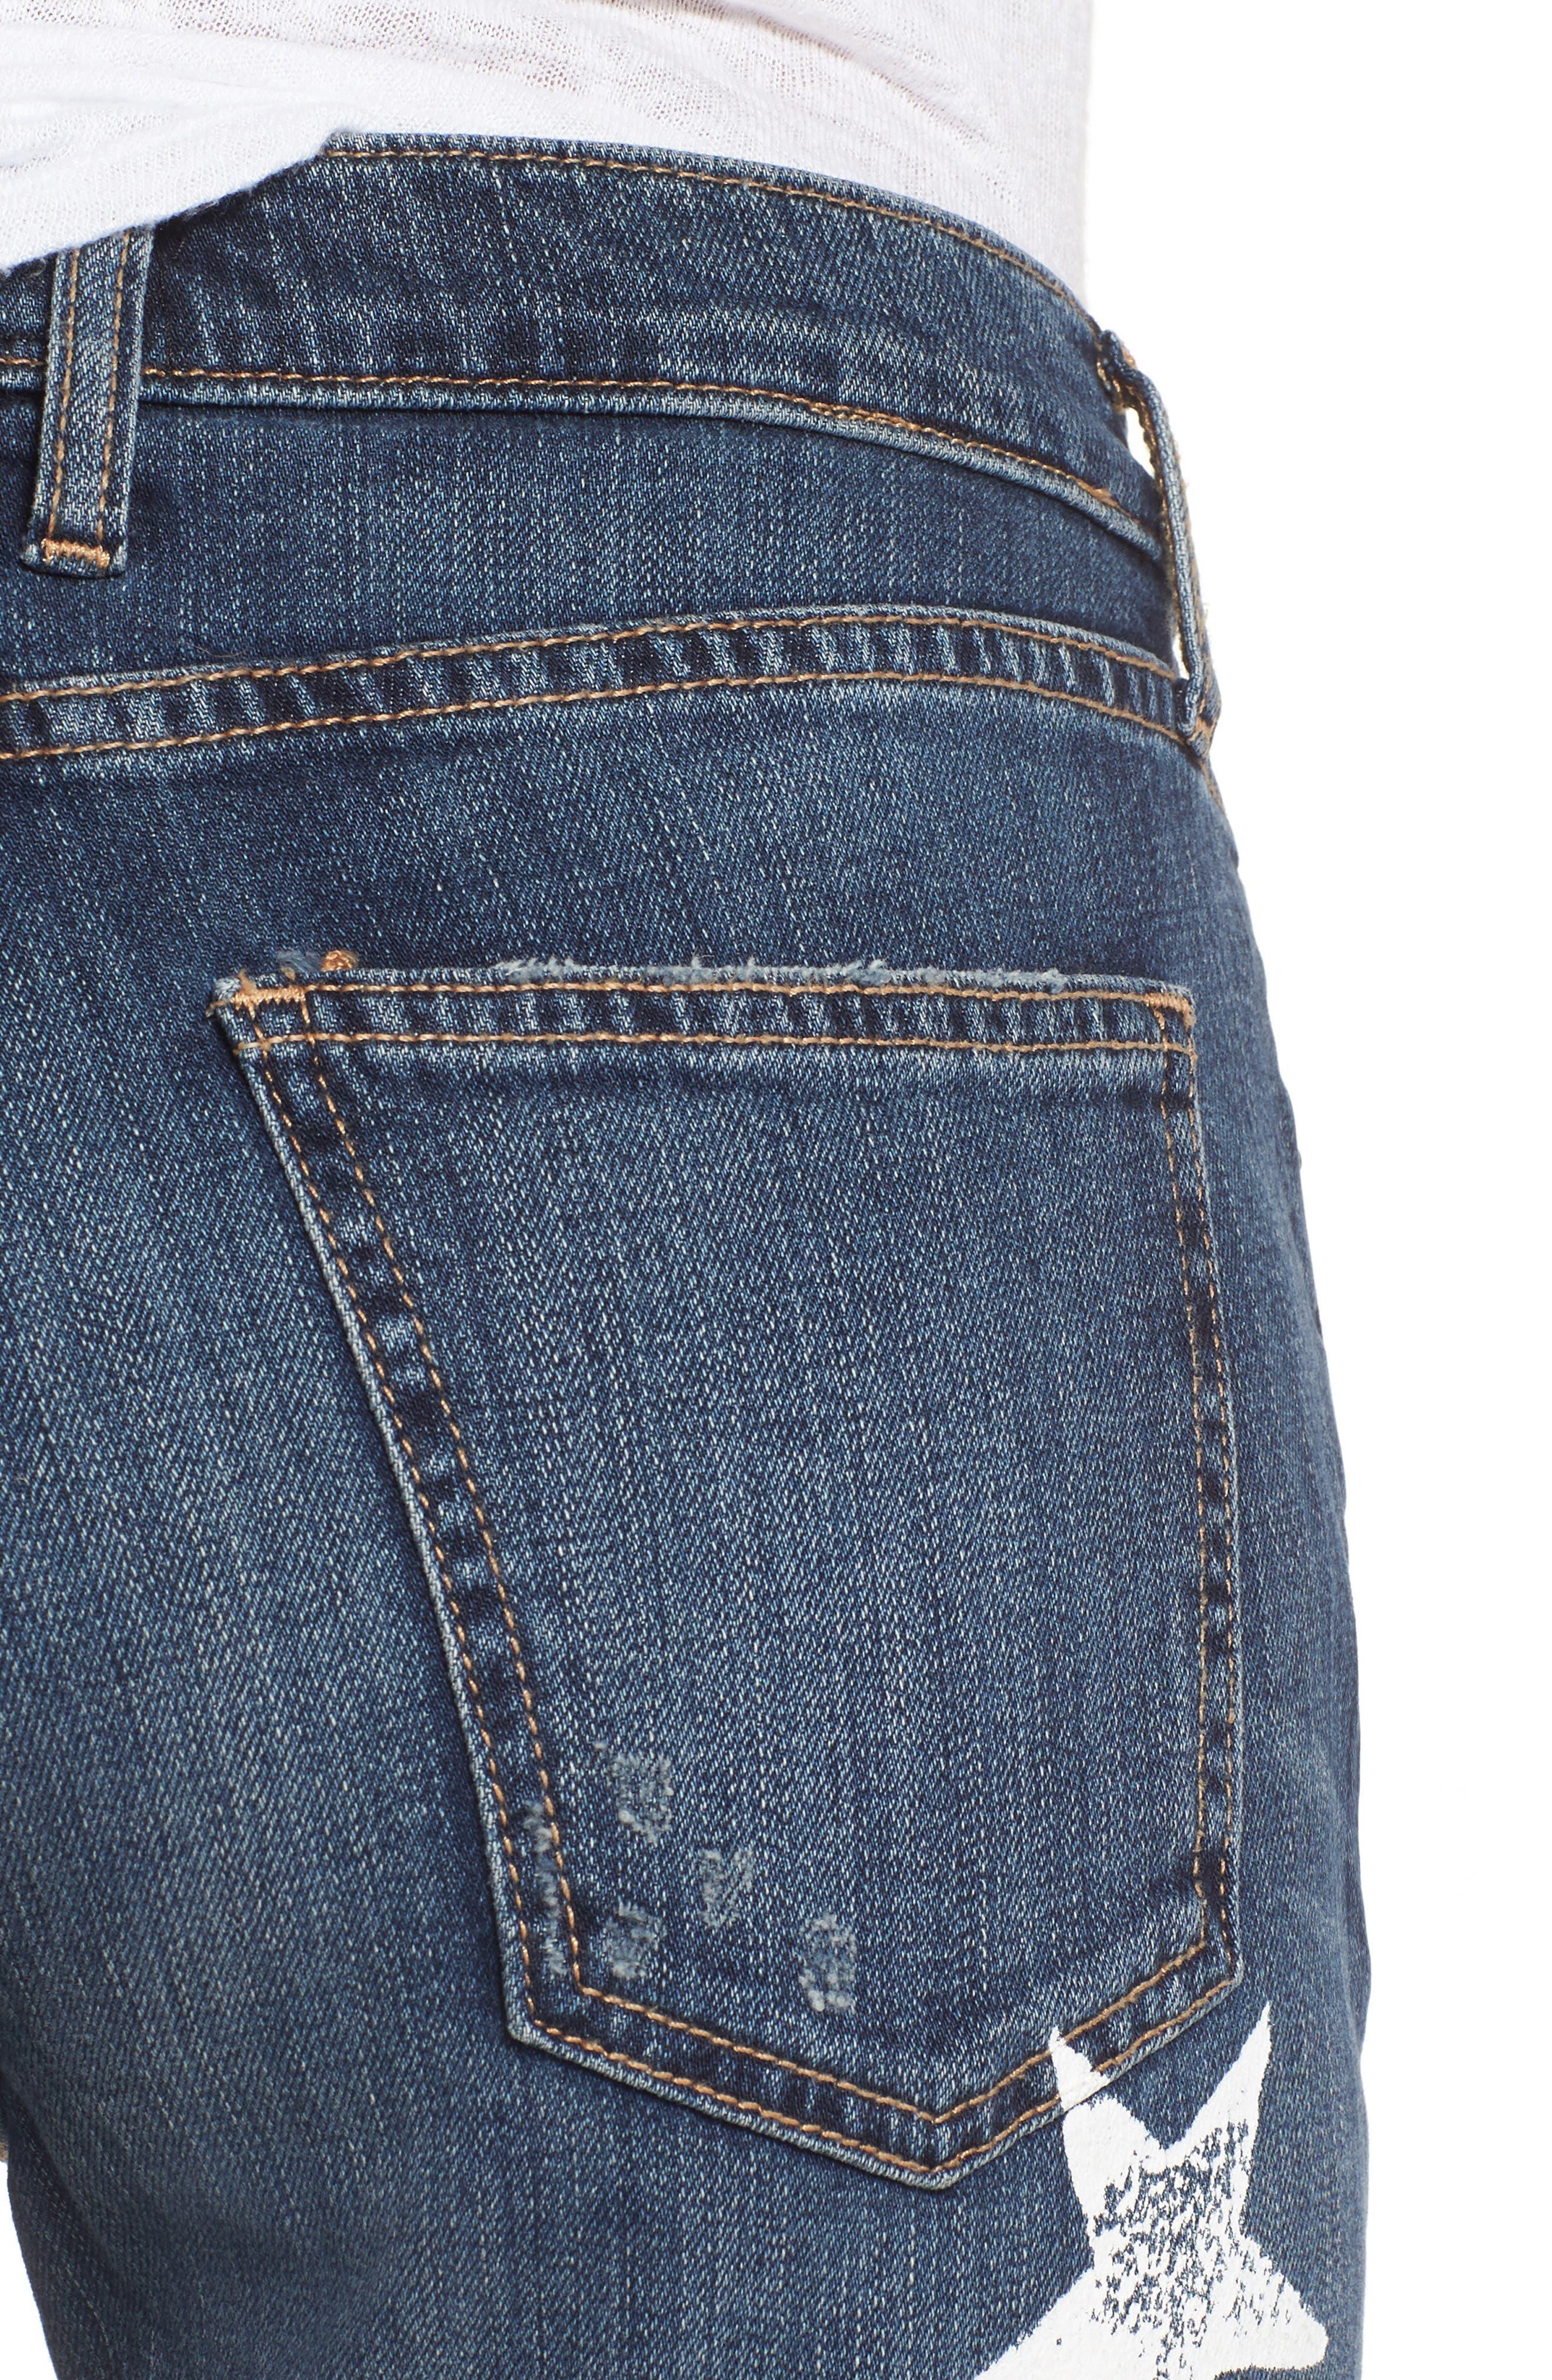 The Fling High Waist Boyfriend Jeans,                             Alternate thumbnail 4, color,                             Loved Destroy/ White Stars